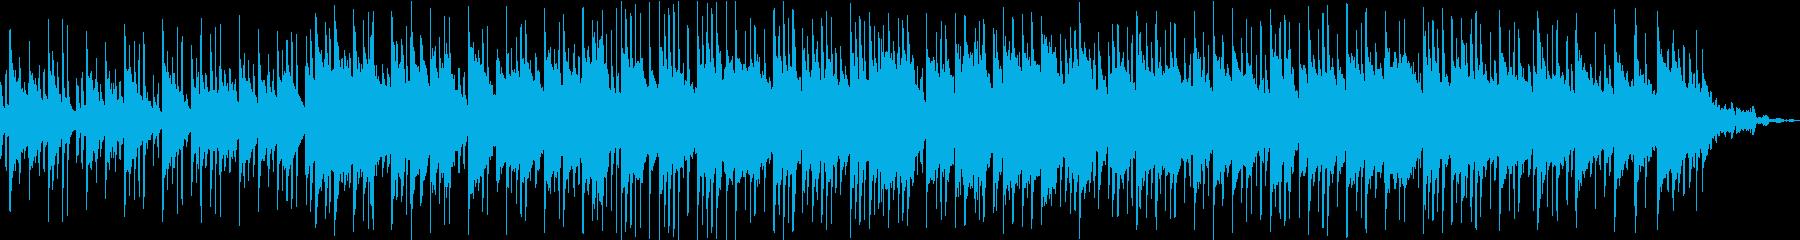 アジアンテイストの楽曲の再生済みの波形